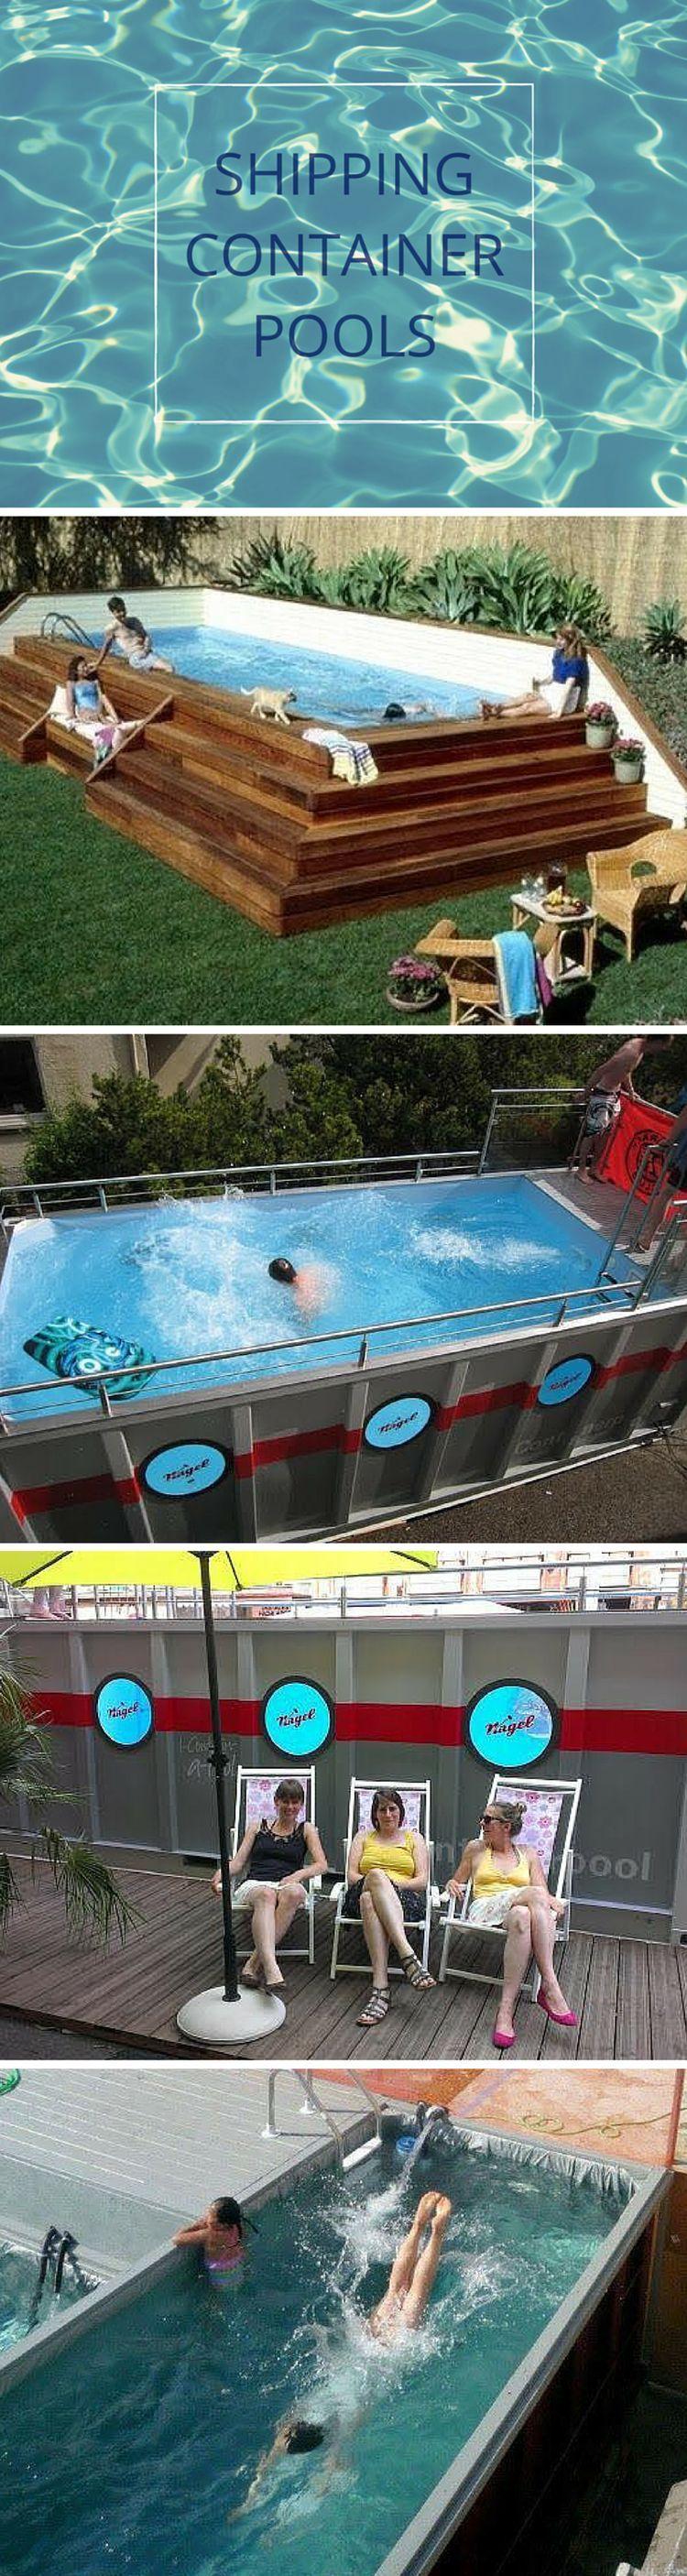 Pin by carlos iglesias on ba os piscina de contenedores for Piscinas portatiles colombia